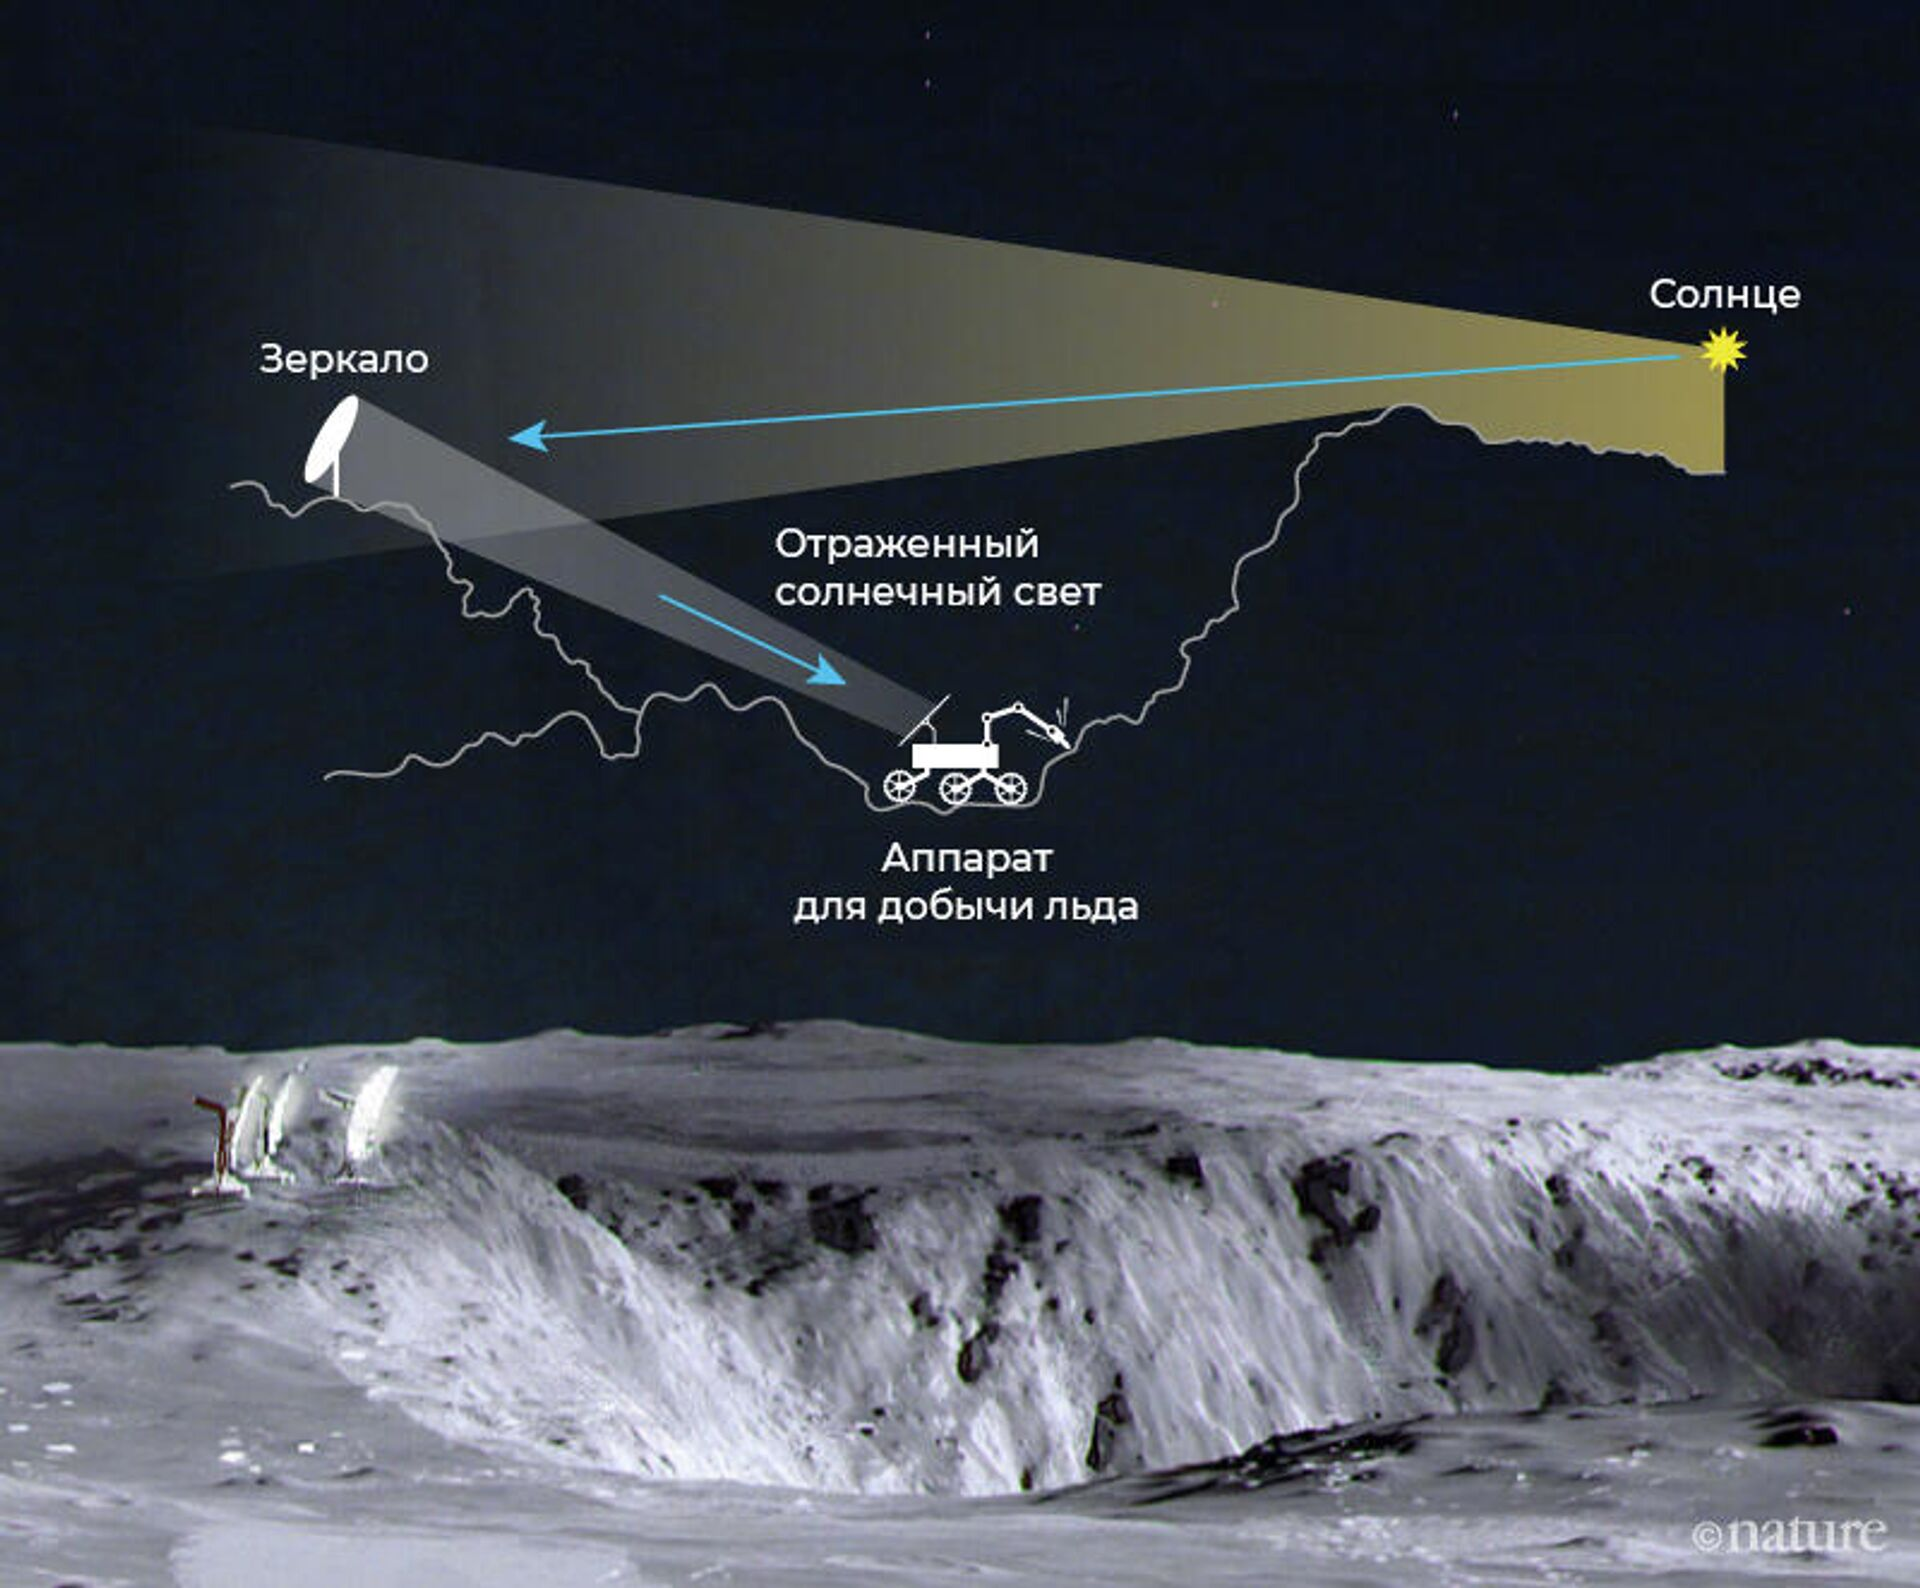 Схема добычи льда в лунном кратере - РИА Новости, 1920, 30.11.2020